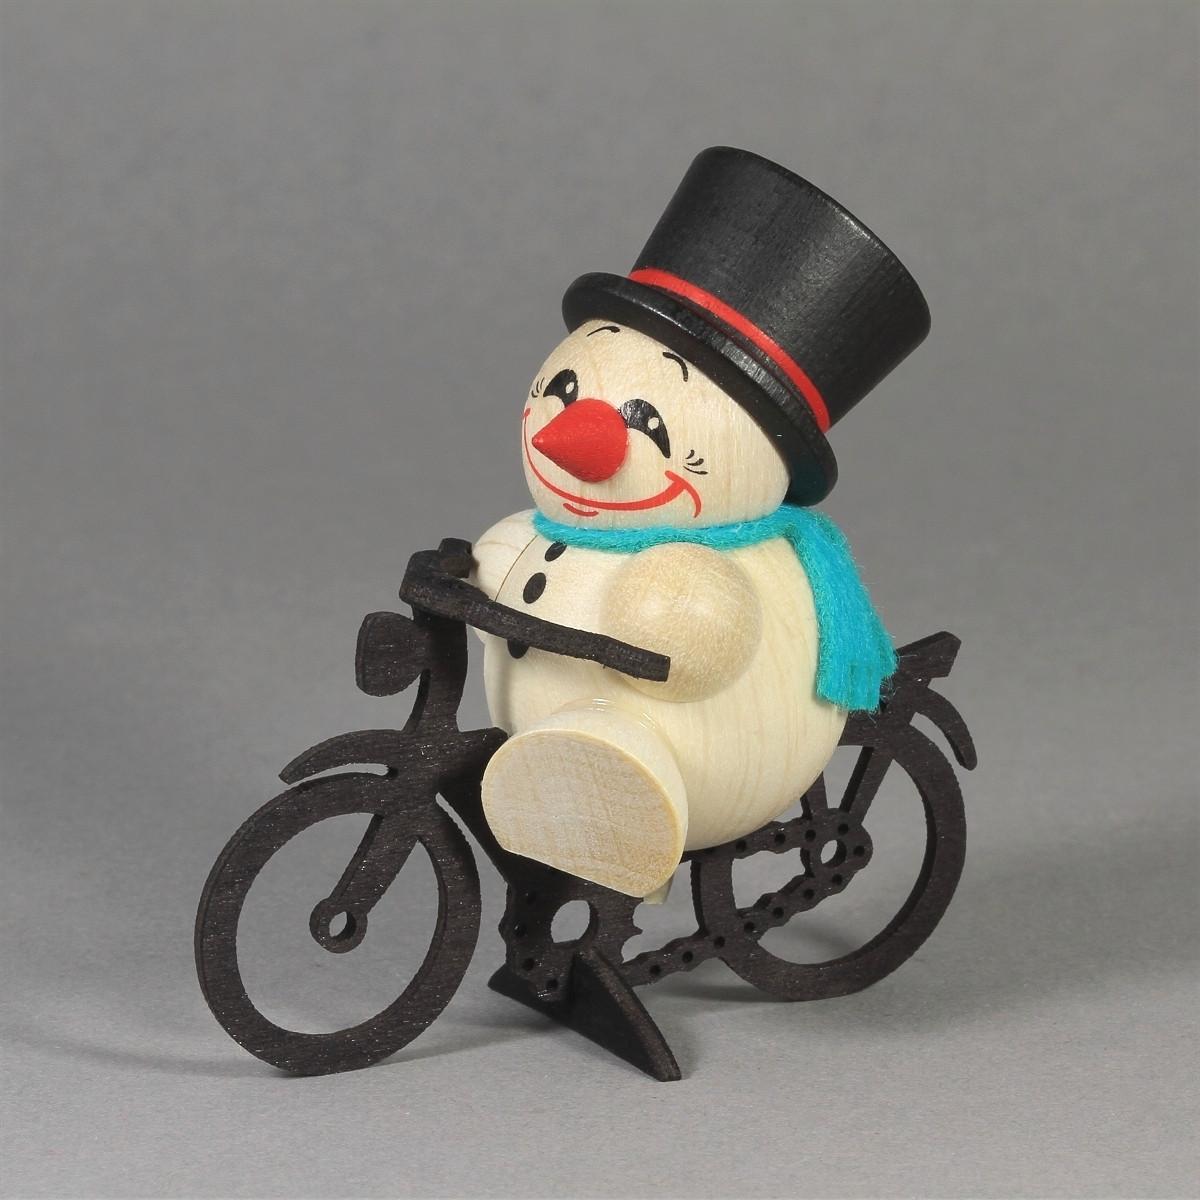 cool man auf fahrrad erzgebirgskunst drechsel. Black Bedroom Furniture Sets. Home Design Ideas